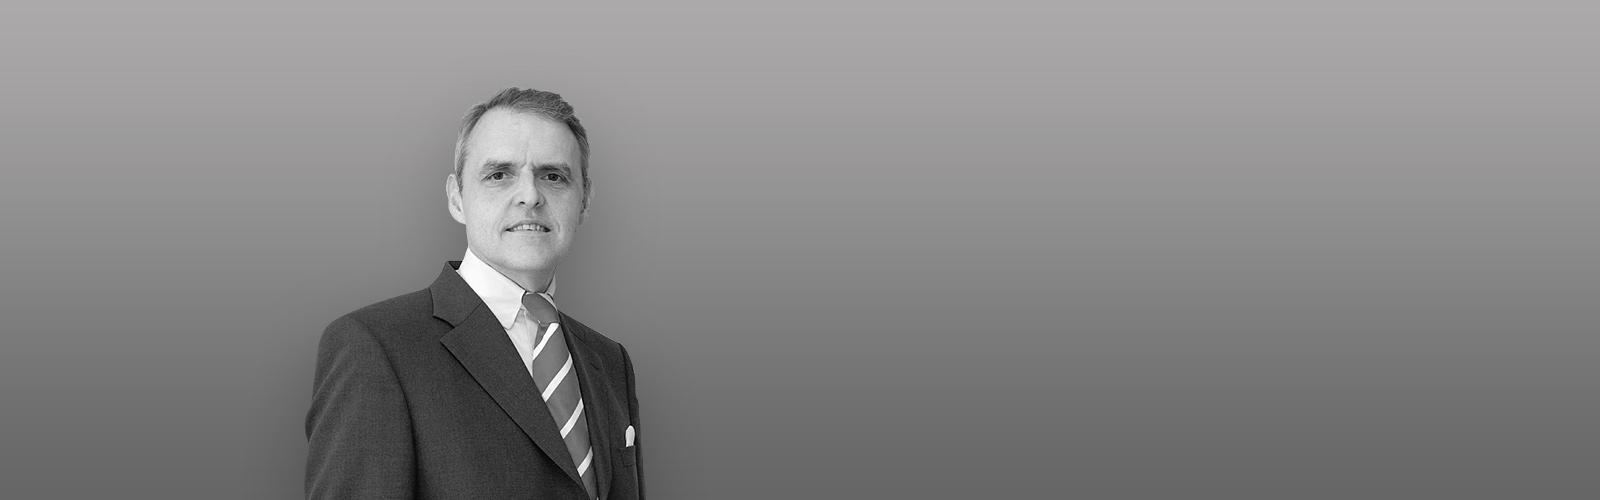 Rechtsanwalt Gerhard Schöppner